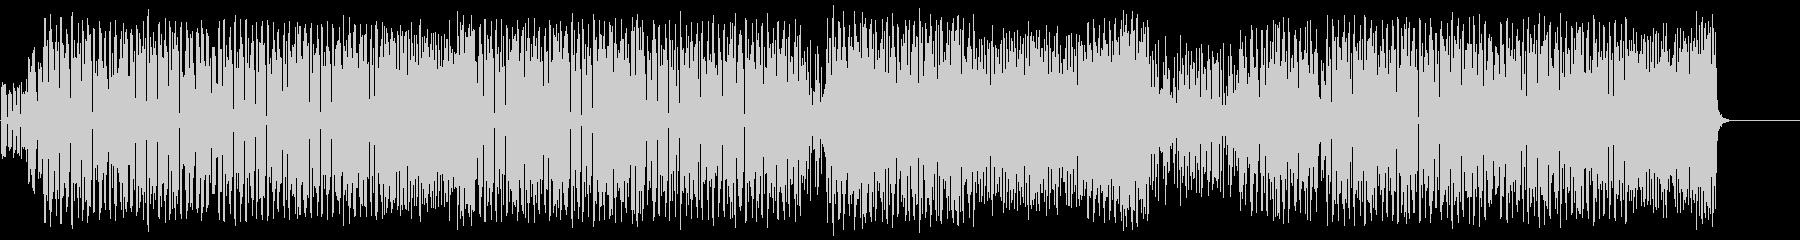 重厚なマイナーエレクトリックポップの未再生の波形